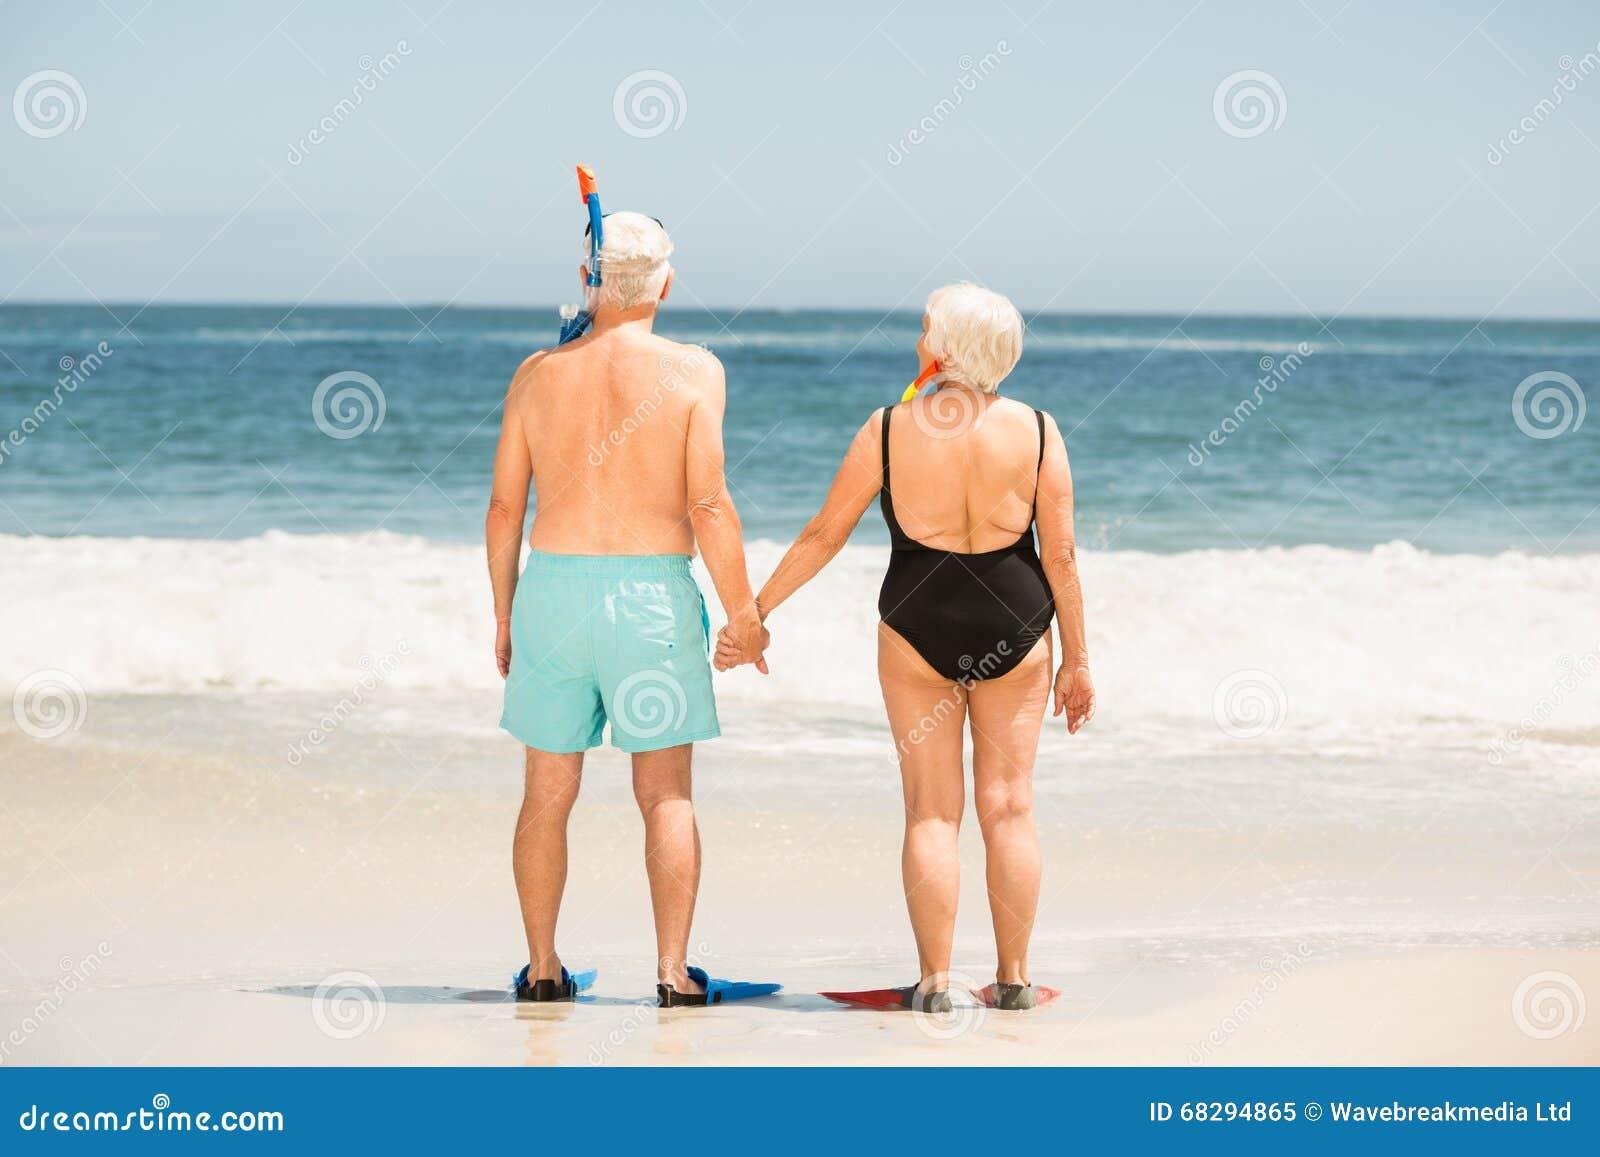 признаюсь пожилые на закрытом пляже гомосексуалисты